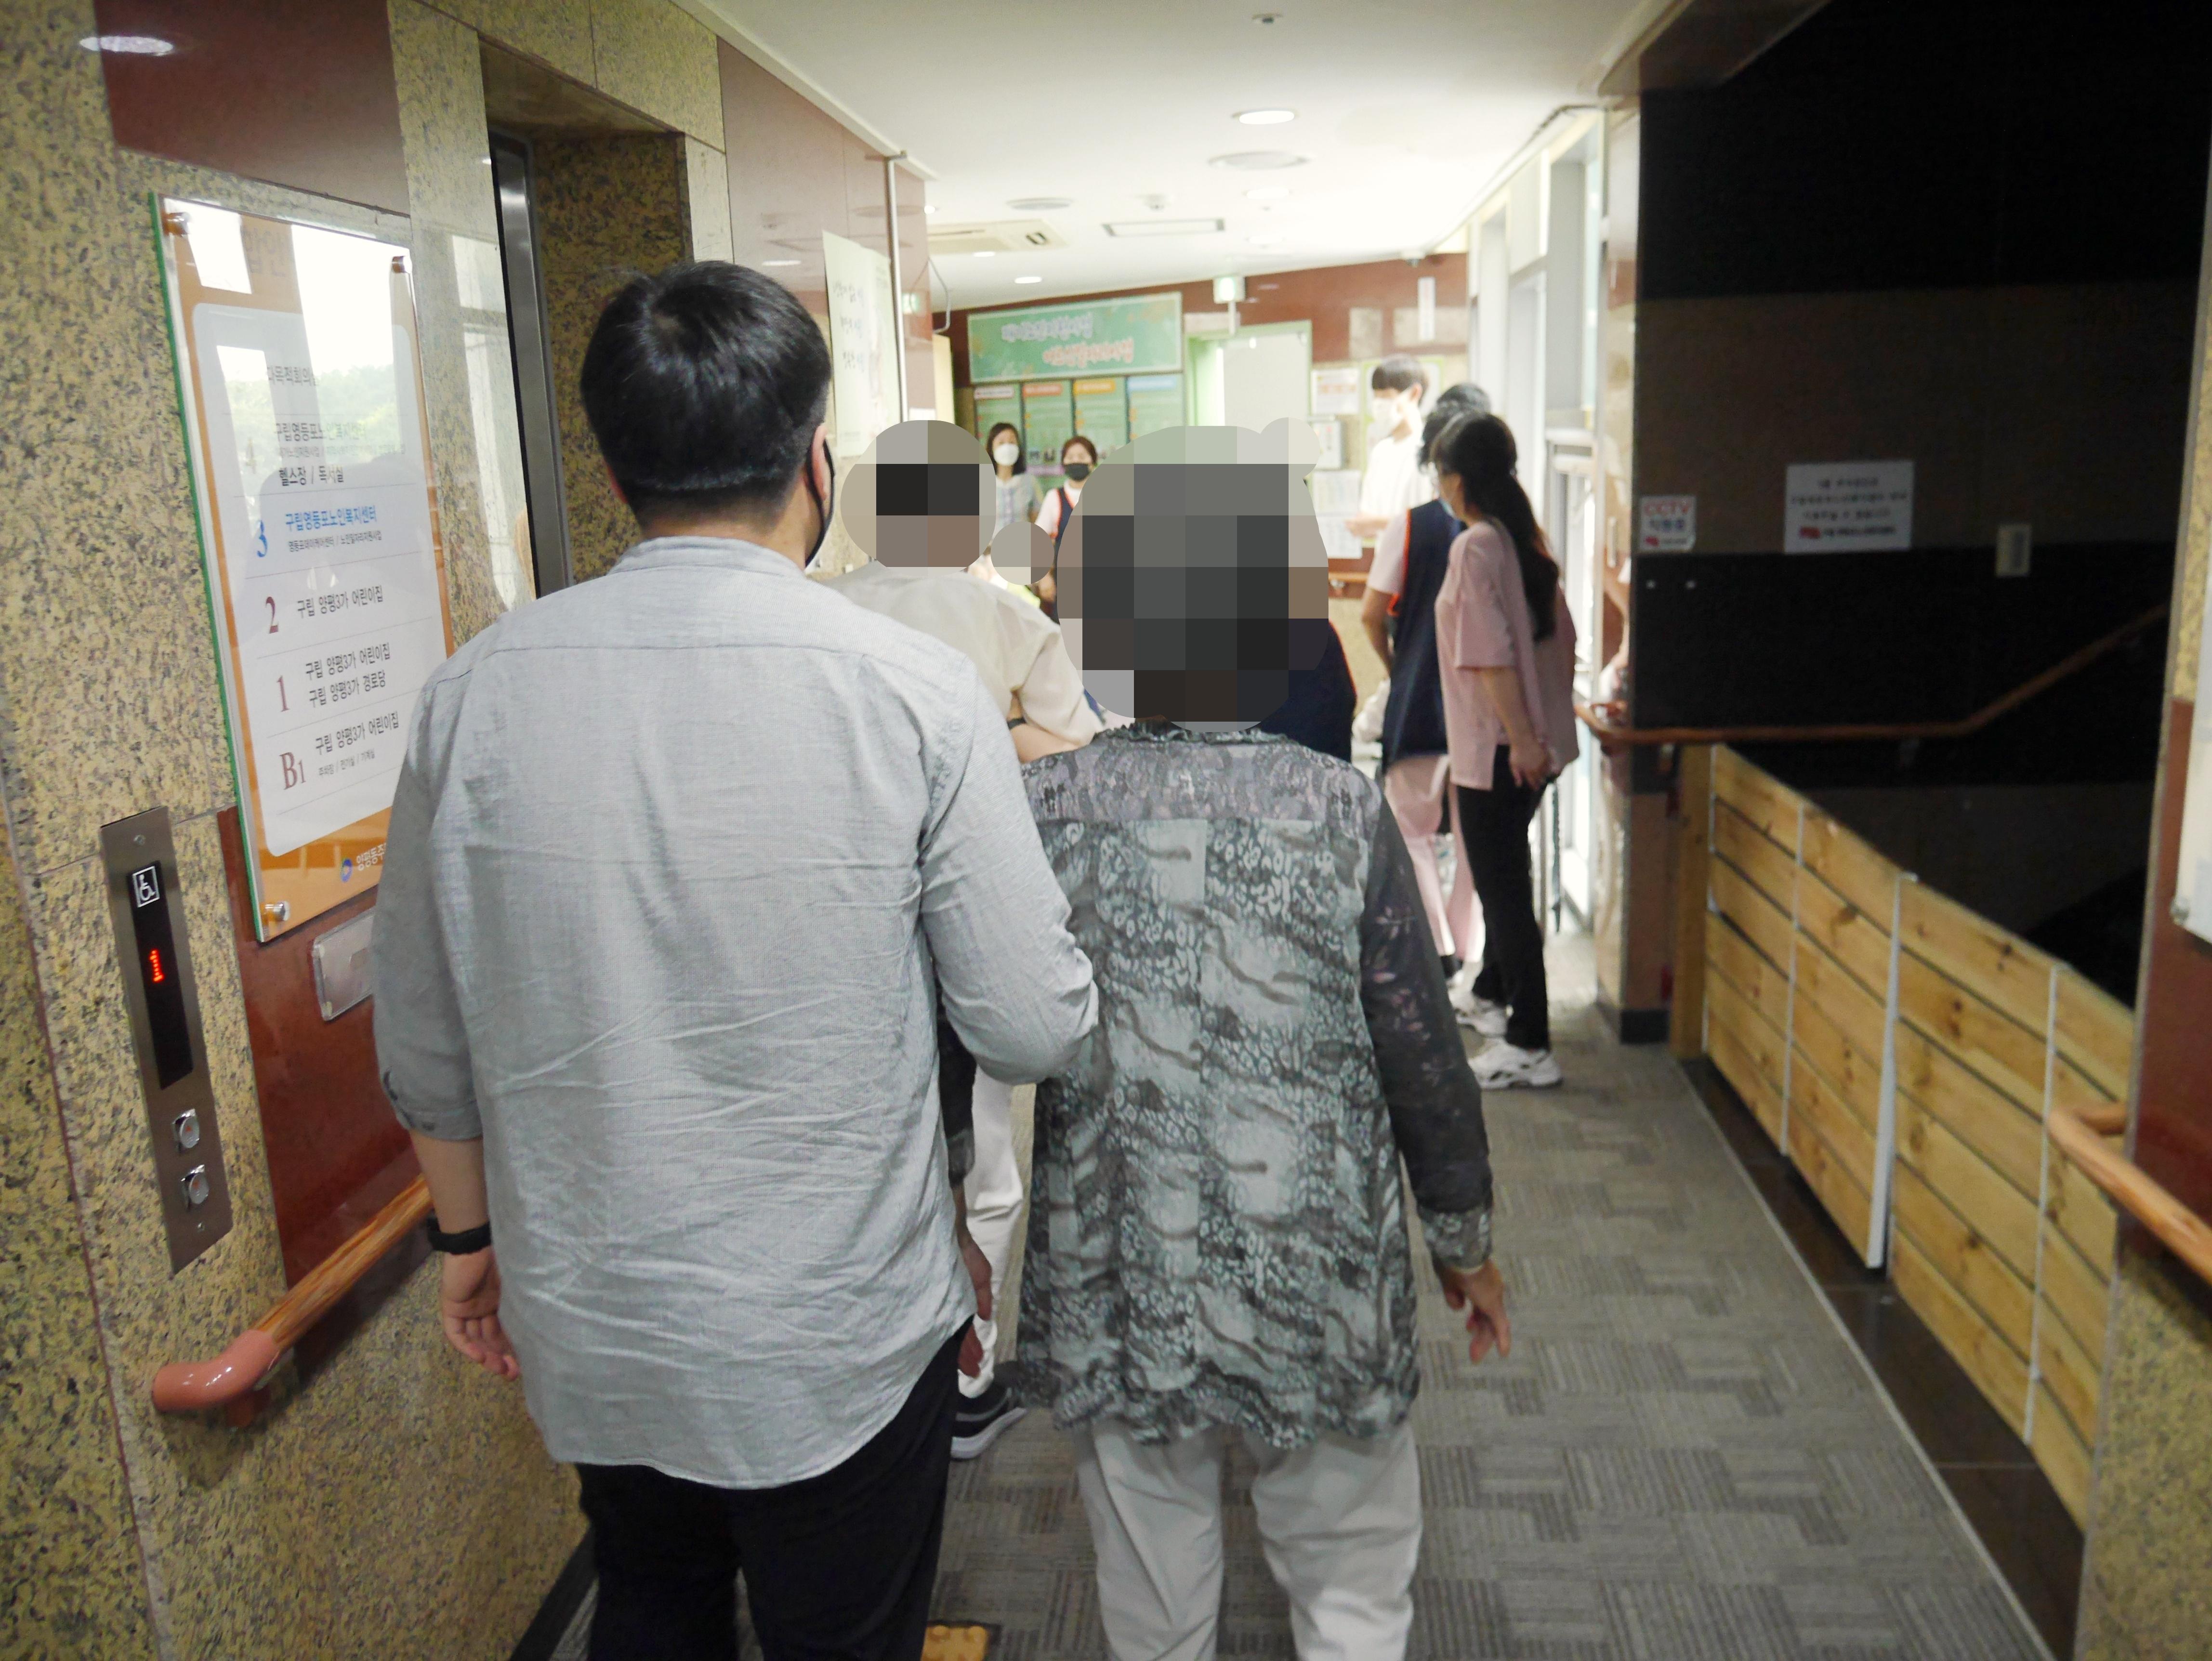 주야간보호센터 6월 소방훈련 사진입니다.